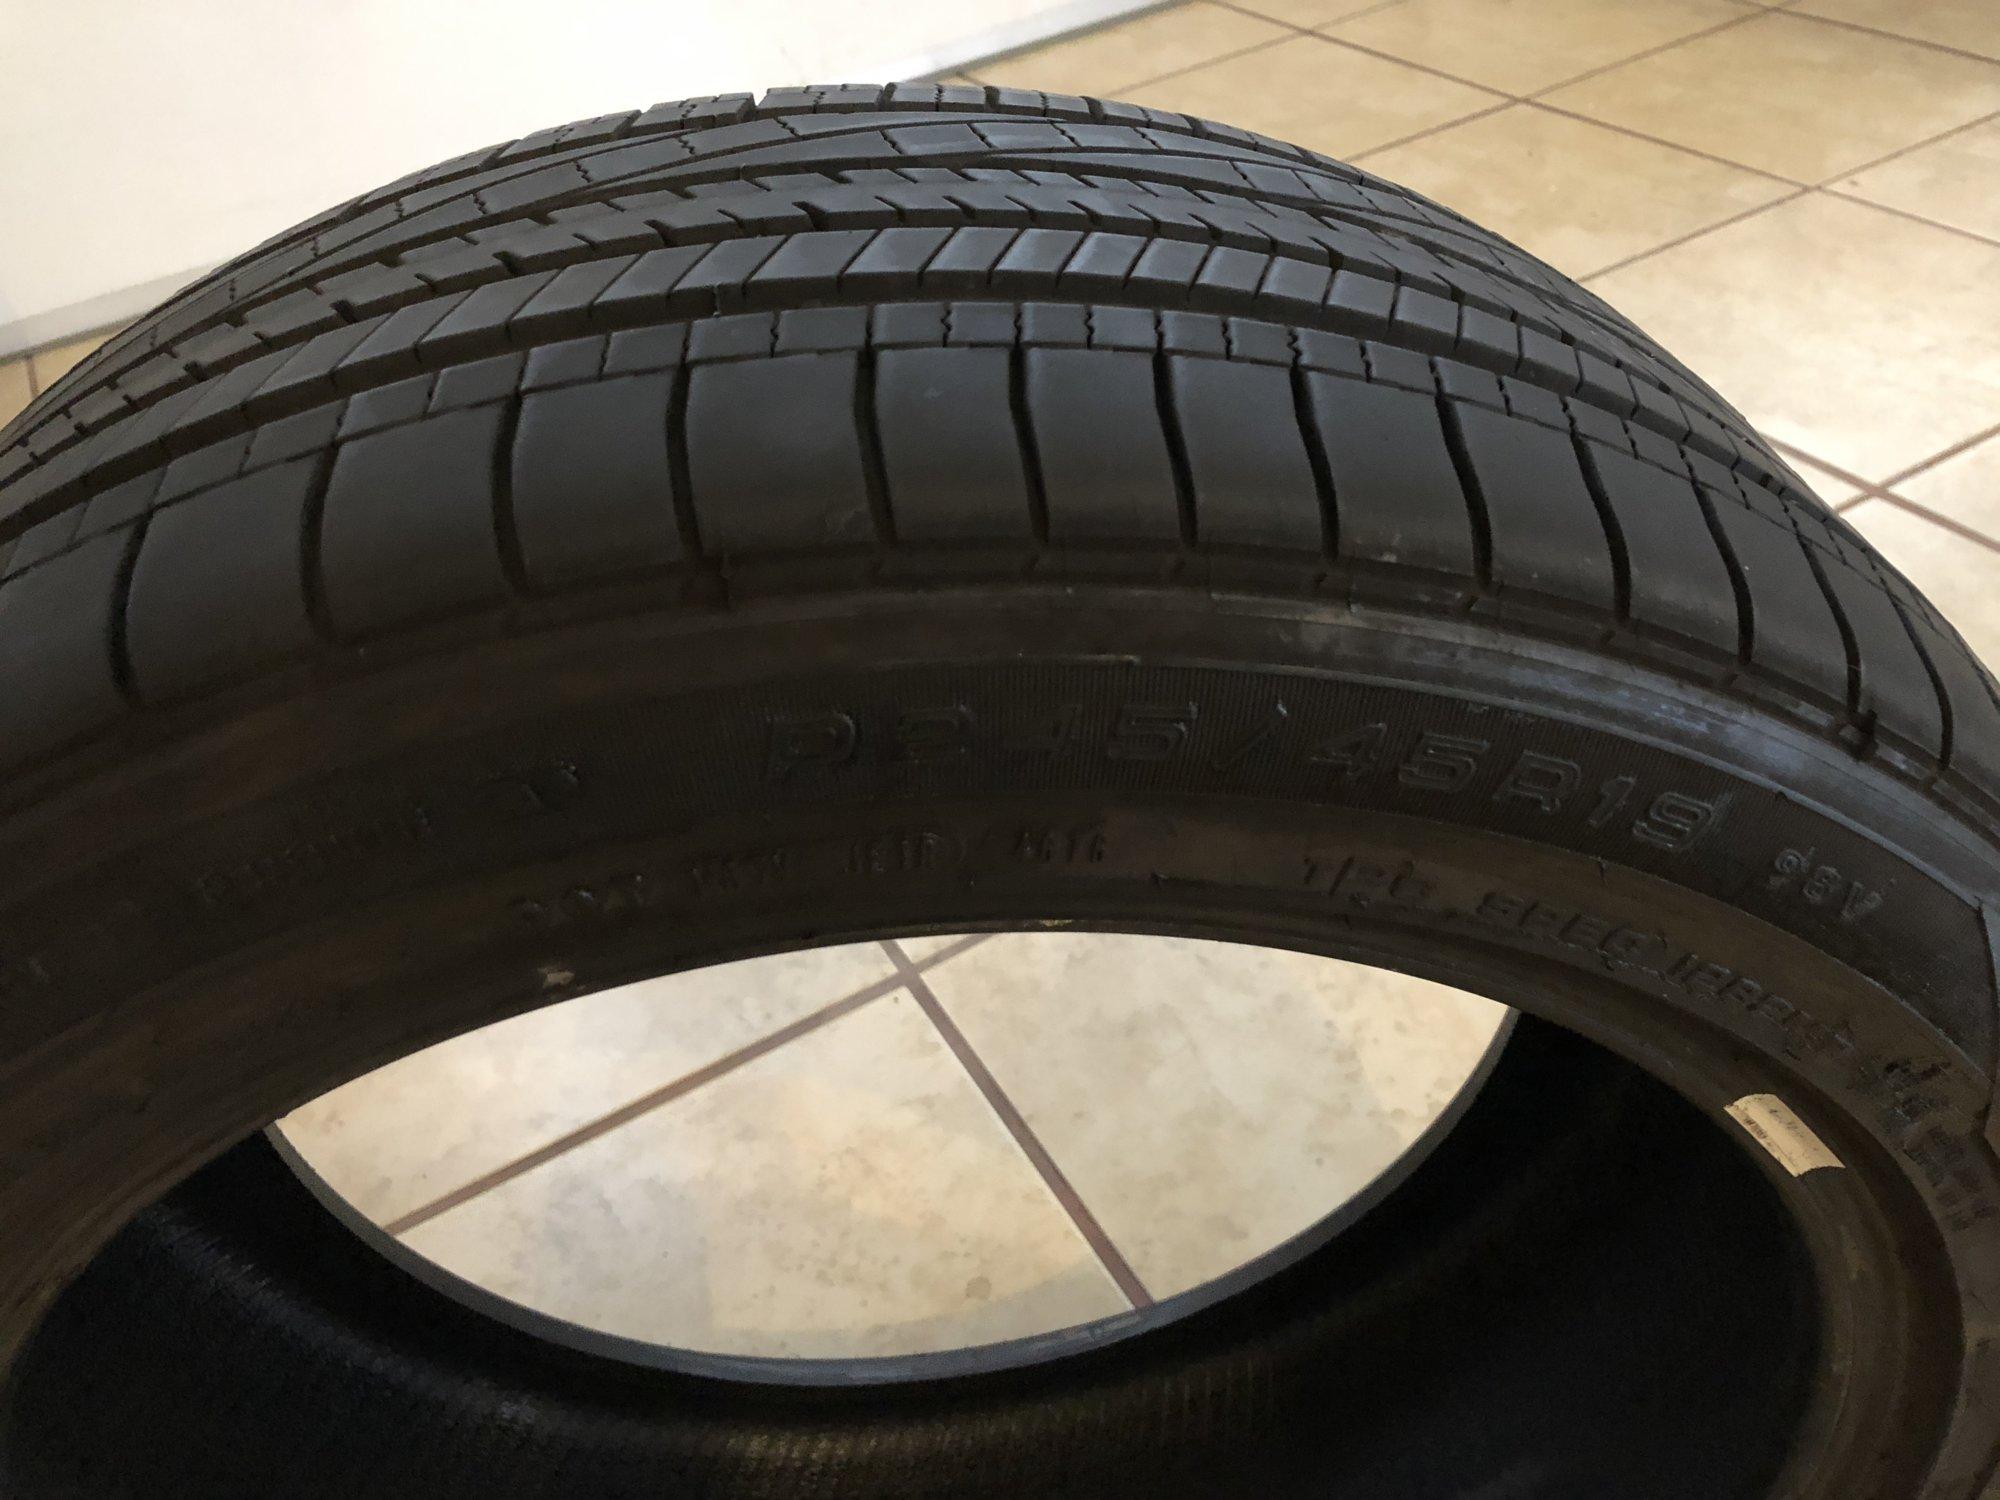 Tesla Tire 2.JPG